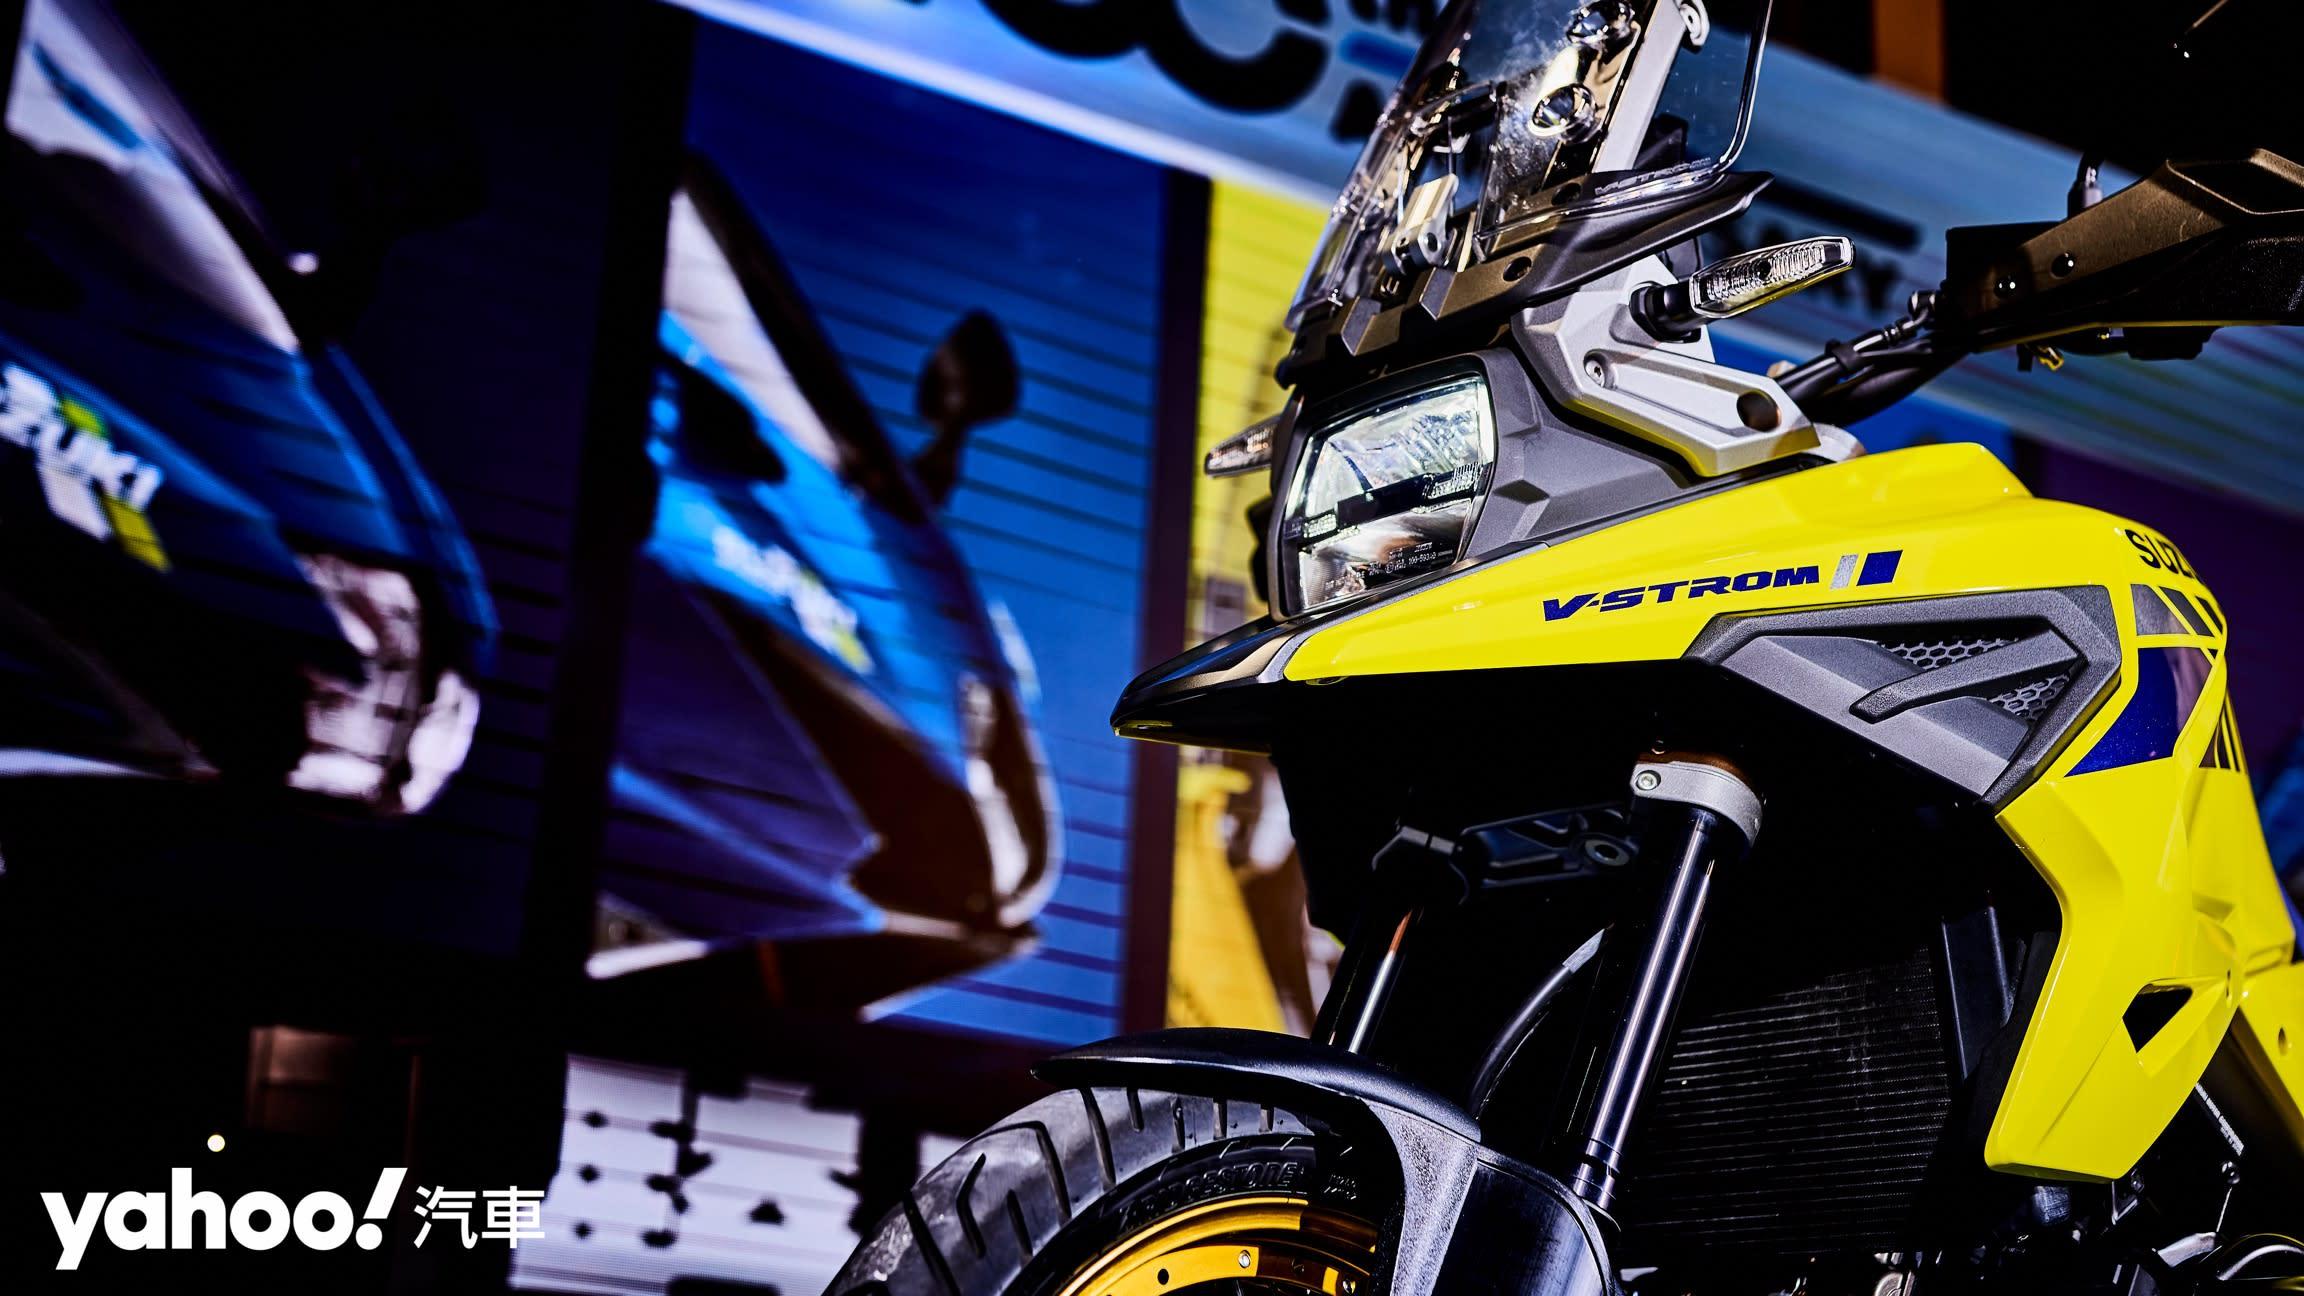 海盜徜徉怪鳥飛!Suzuki 100週年慶V-Strom 1050 XT & GSX-150 Bandit抵台上陣!